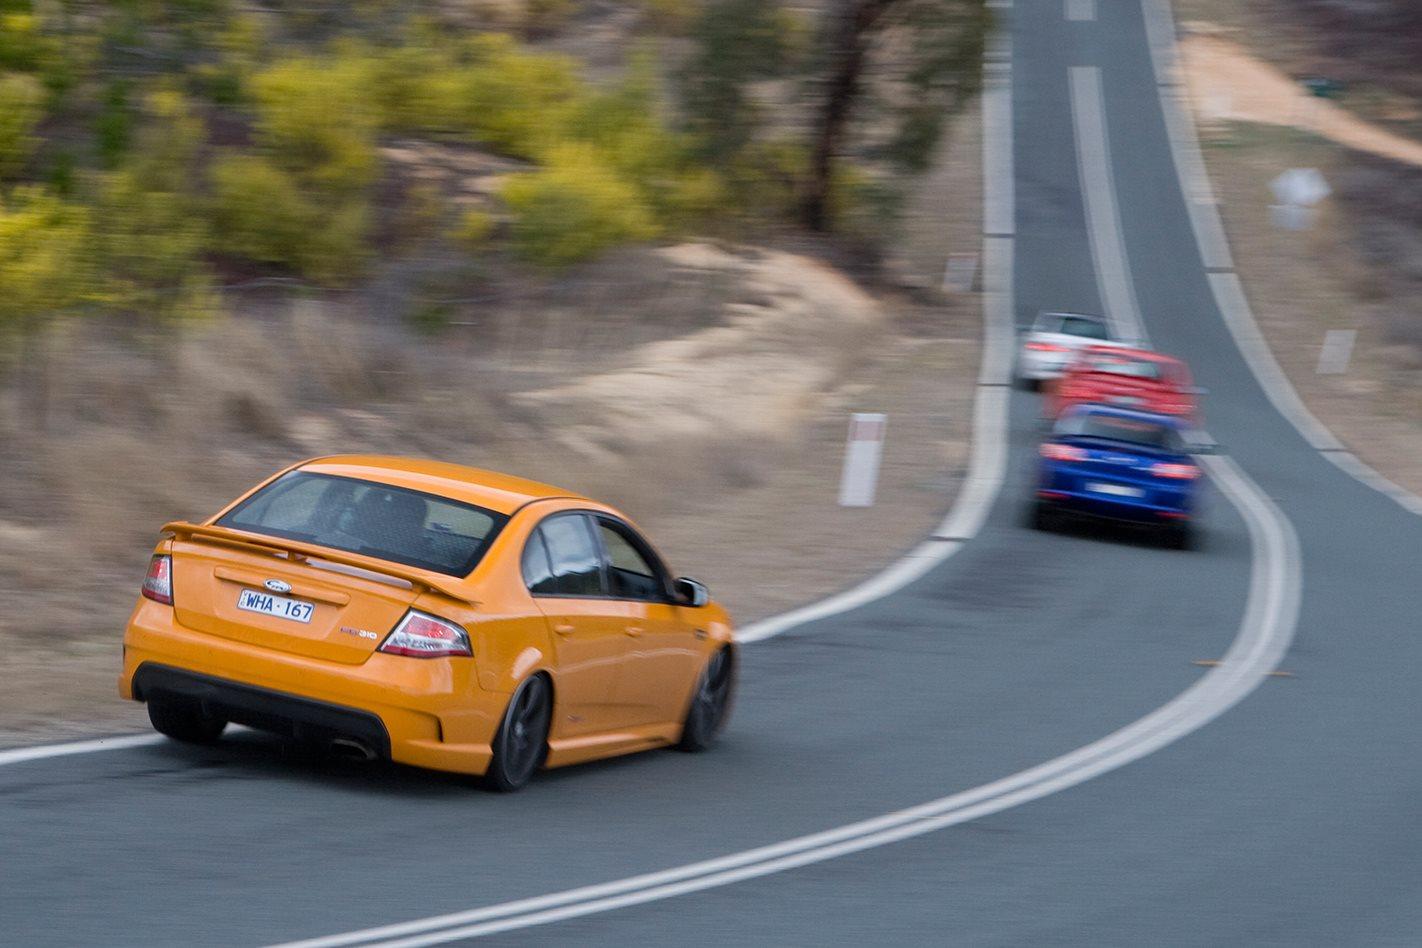 2008-FPV-F6-rear.jpg